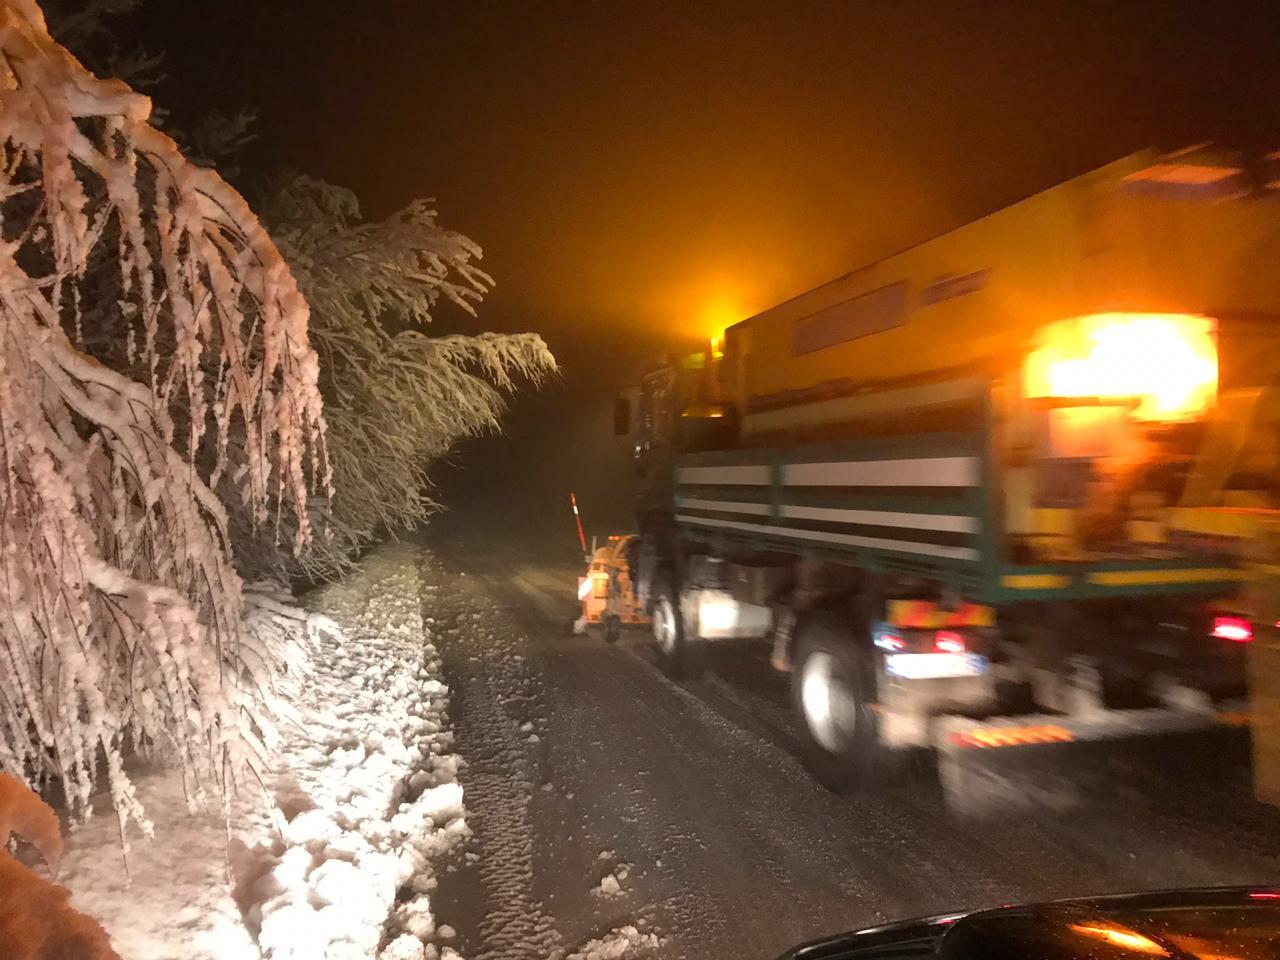 Të gjitha rrugët janë hapur nga bora